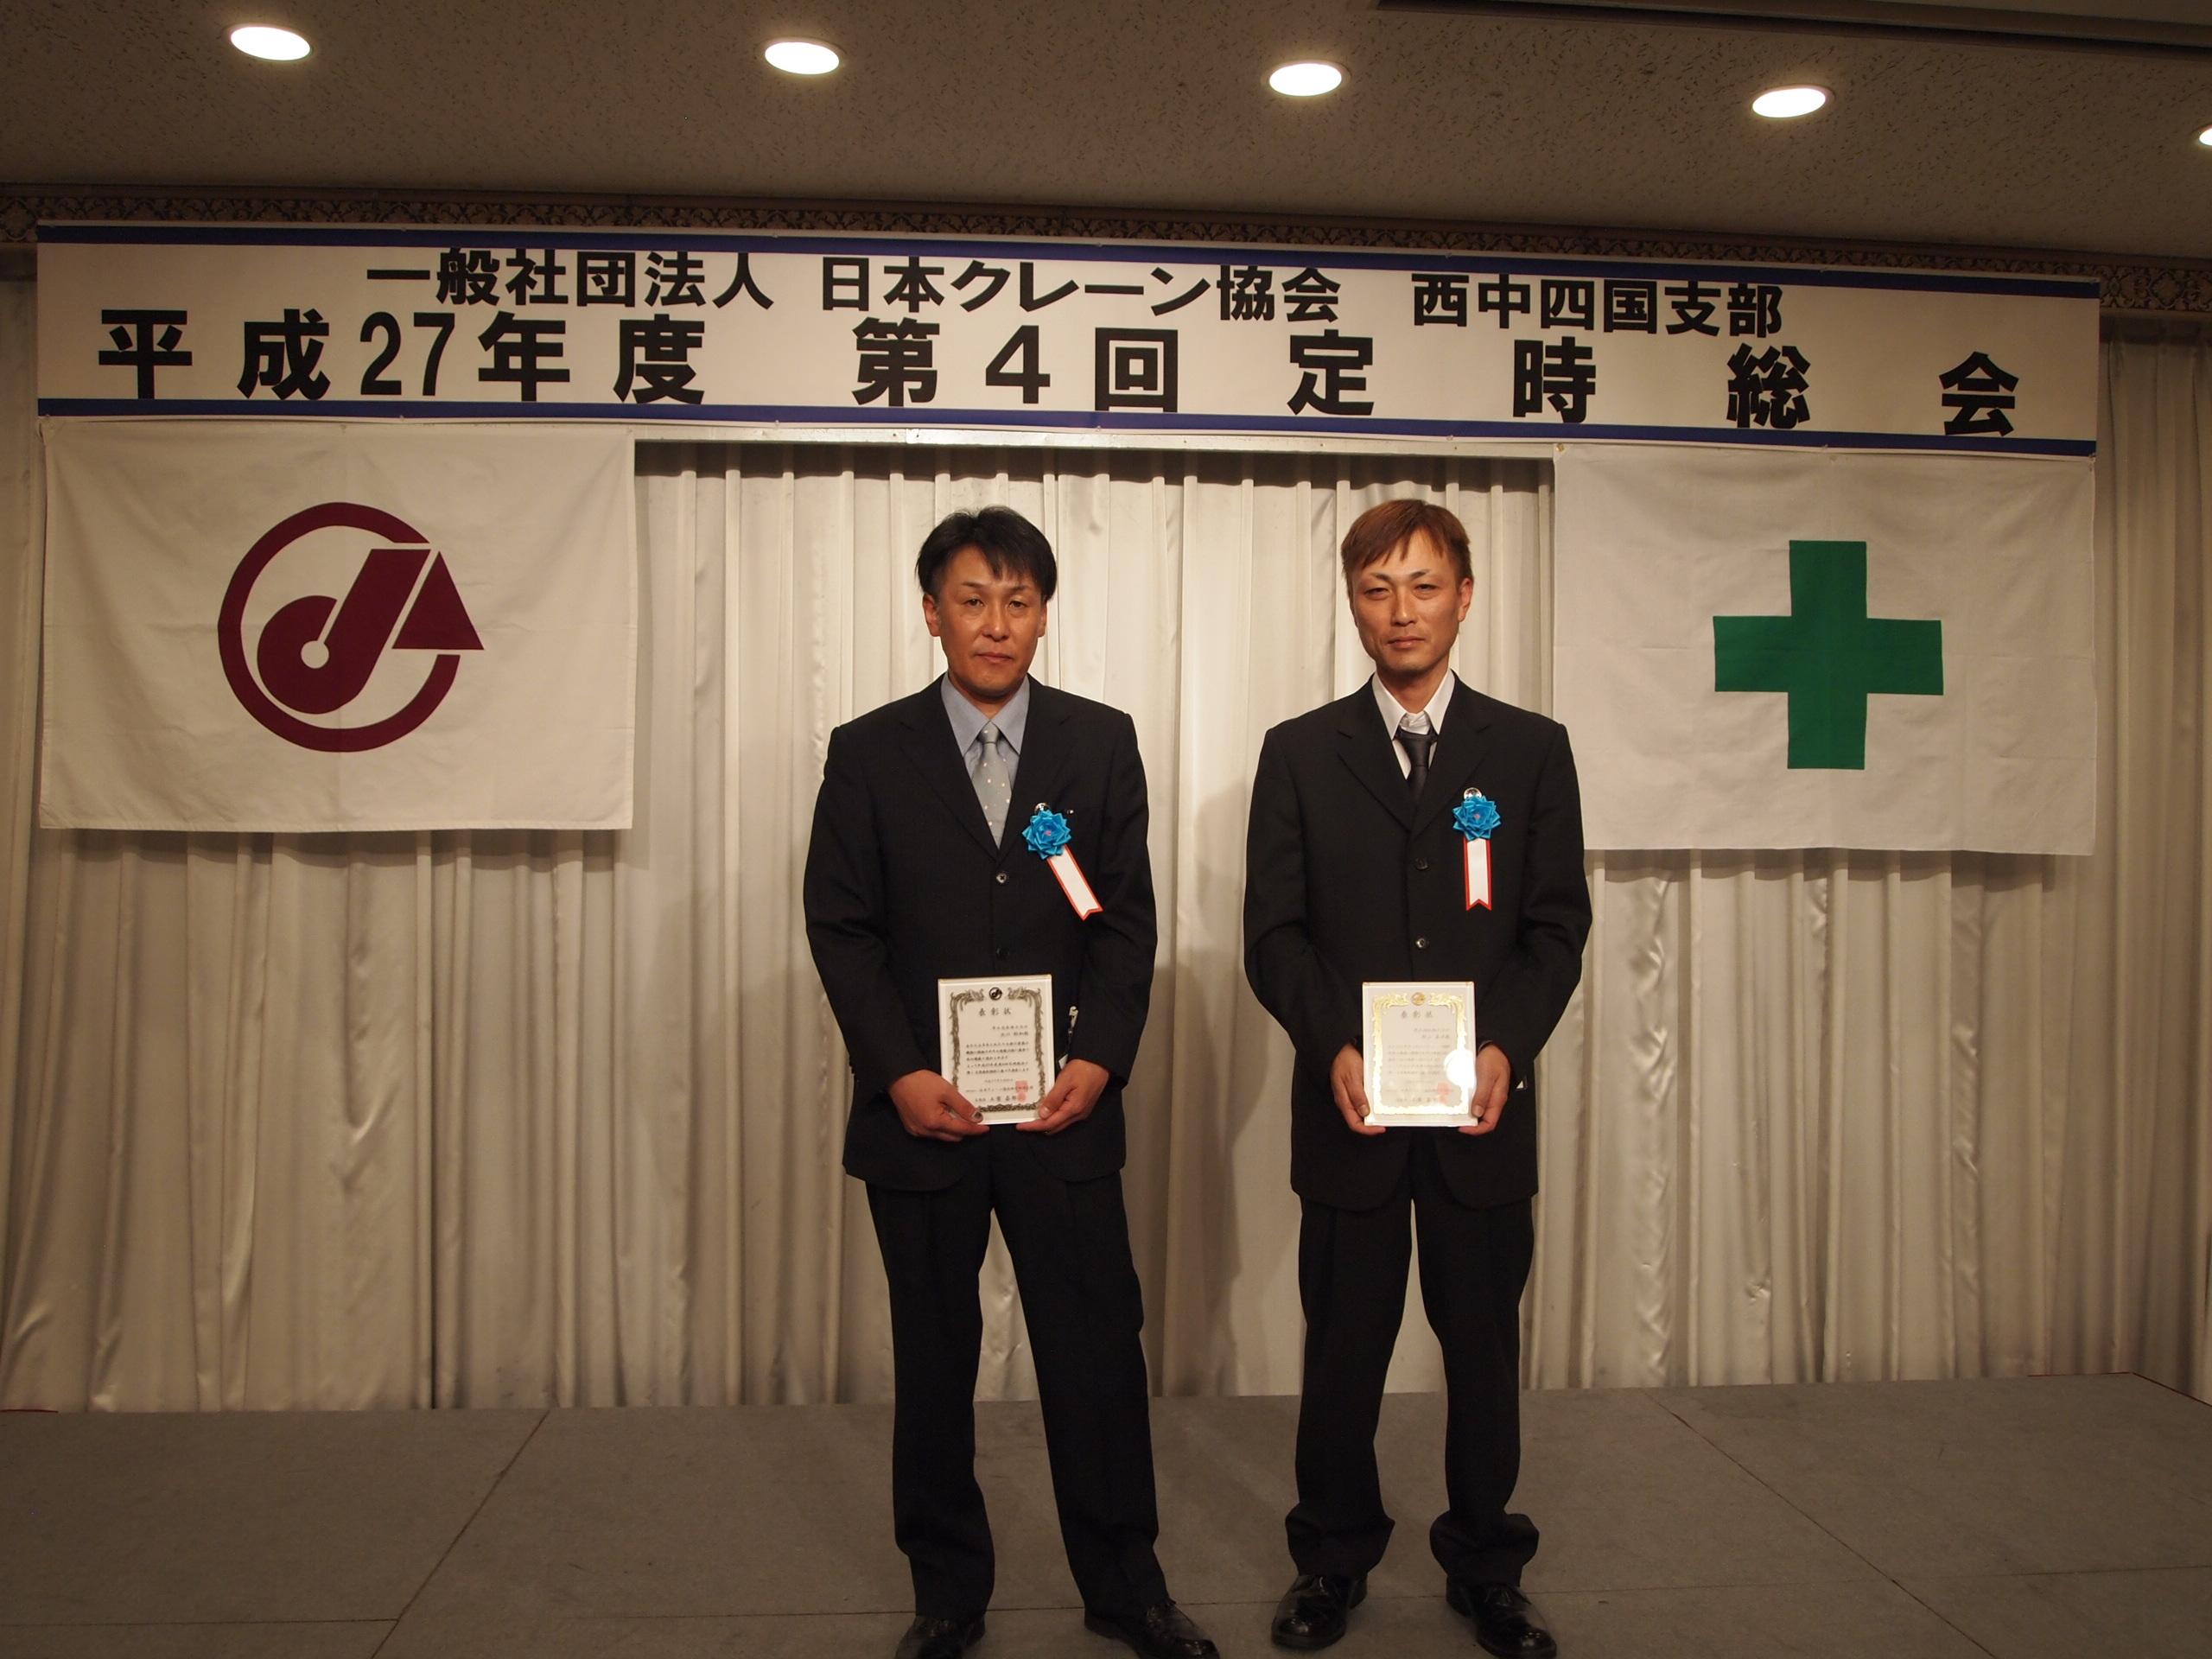 受賞した浜川好和さん(左)と村上真市さん(右)